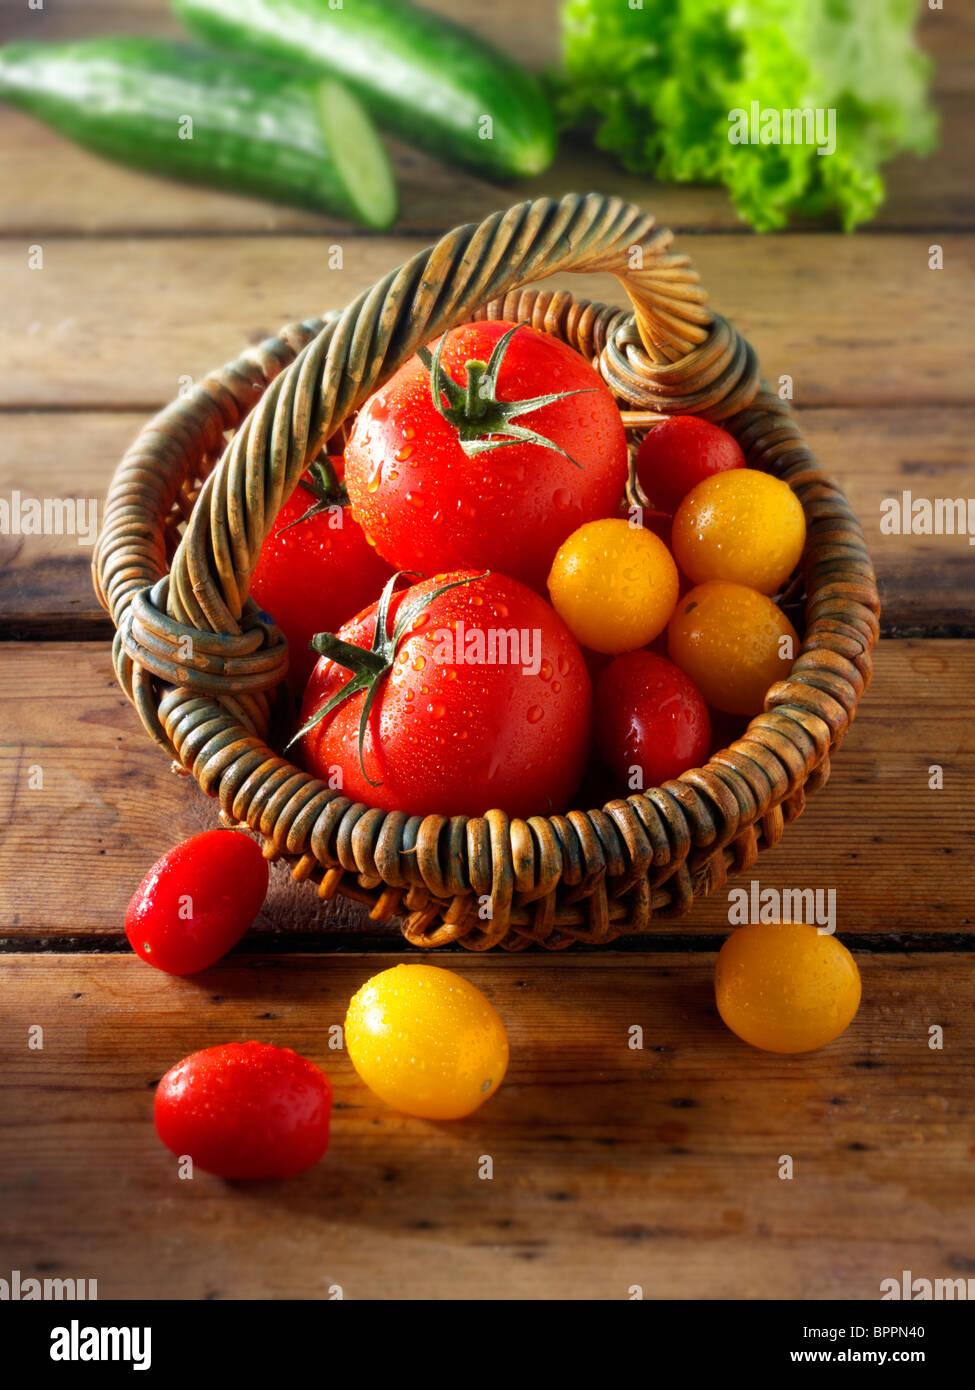 Tomates mixte photos, photos et images Photo Stock